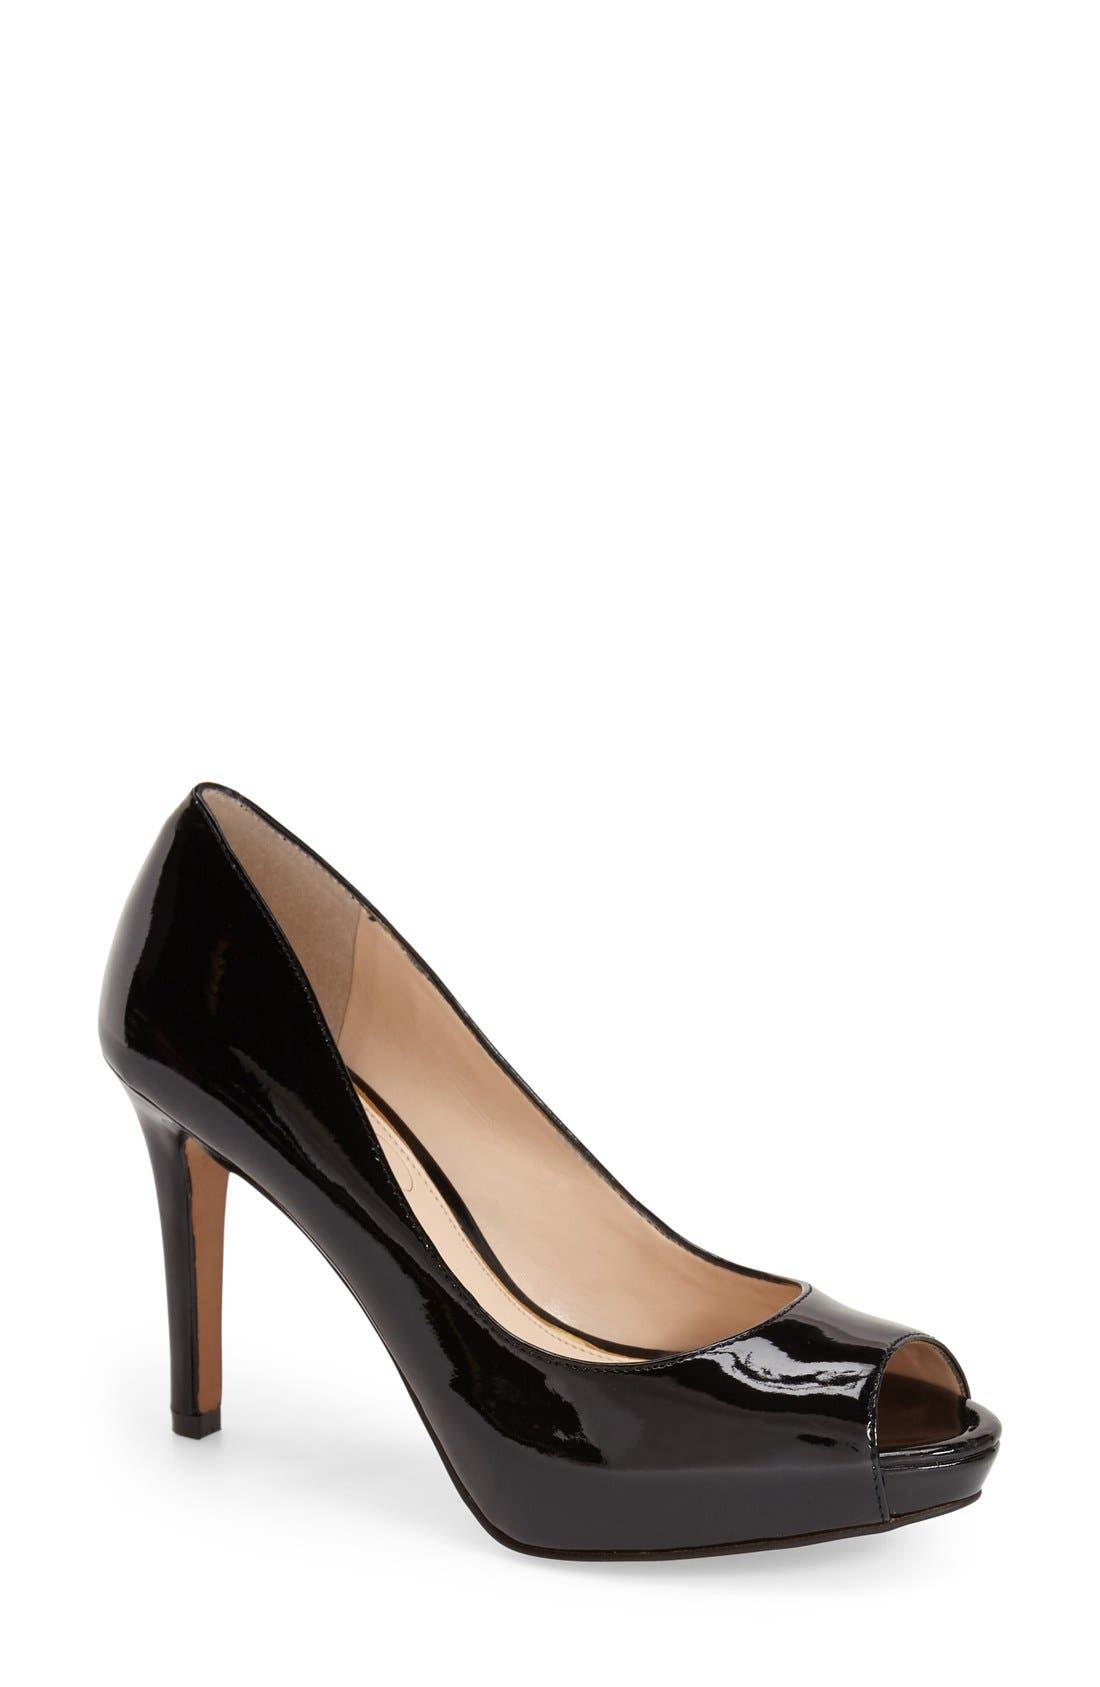 Alternate Image 1 Selected - Jessica Simpson 'Kelia' Peep Toe Pump (Women)